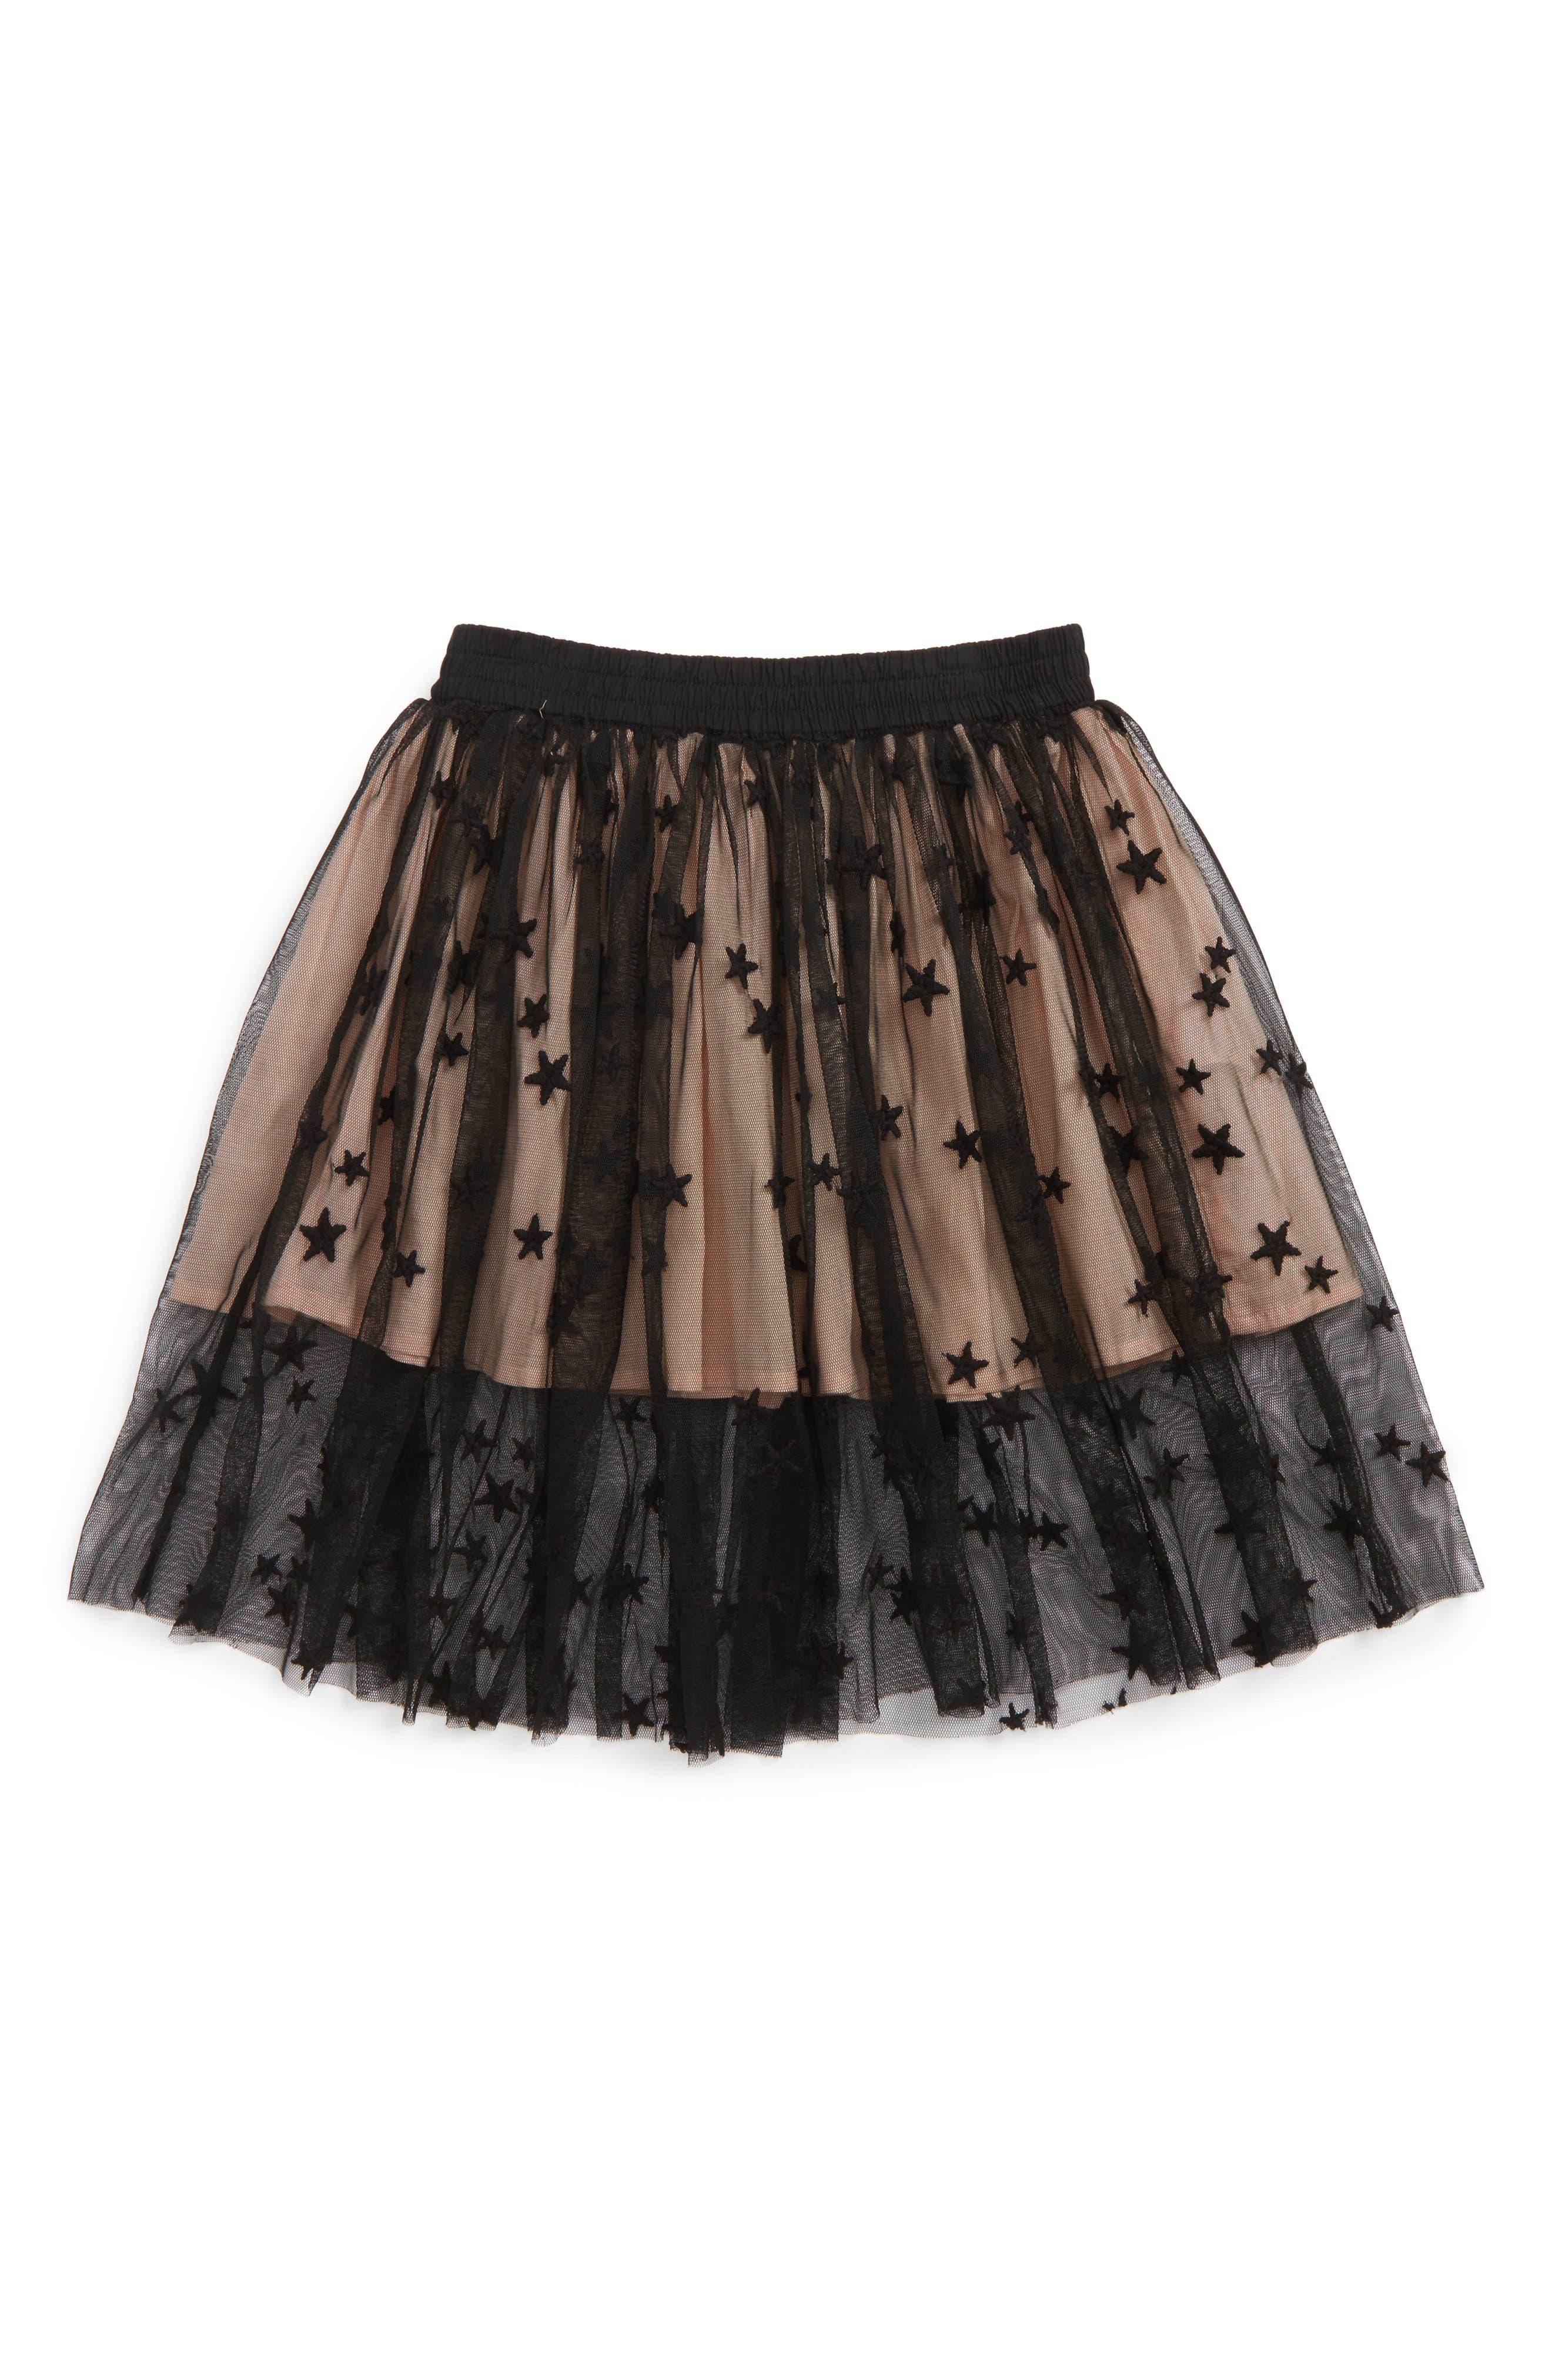 Stella McCartney Kids Amalie Star Tulle Skirt (Toddler Girls, Little Girls & Big Girls)